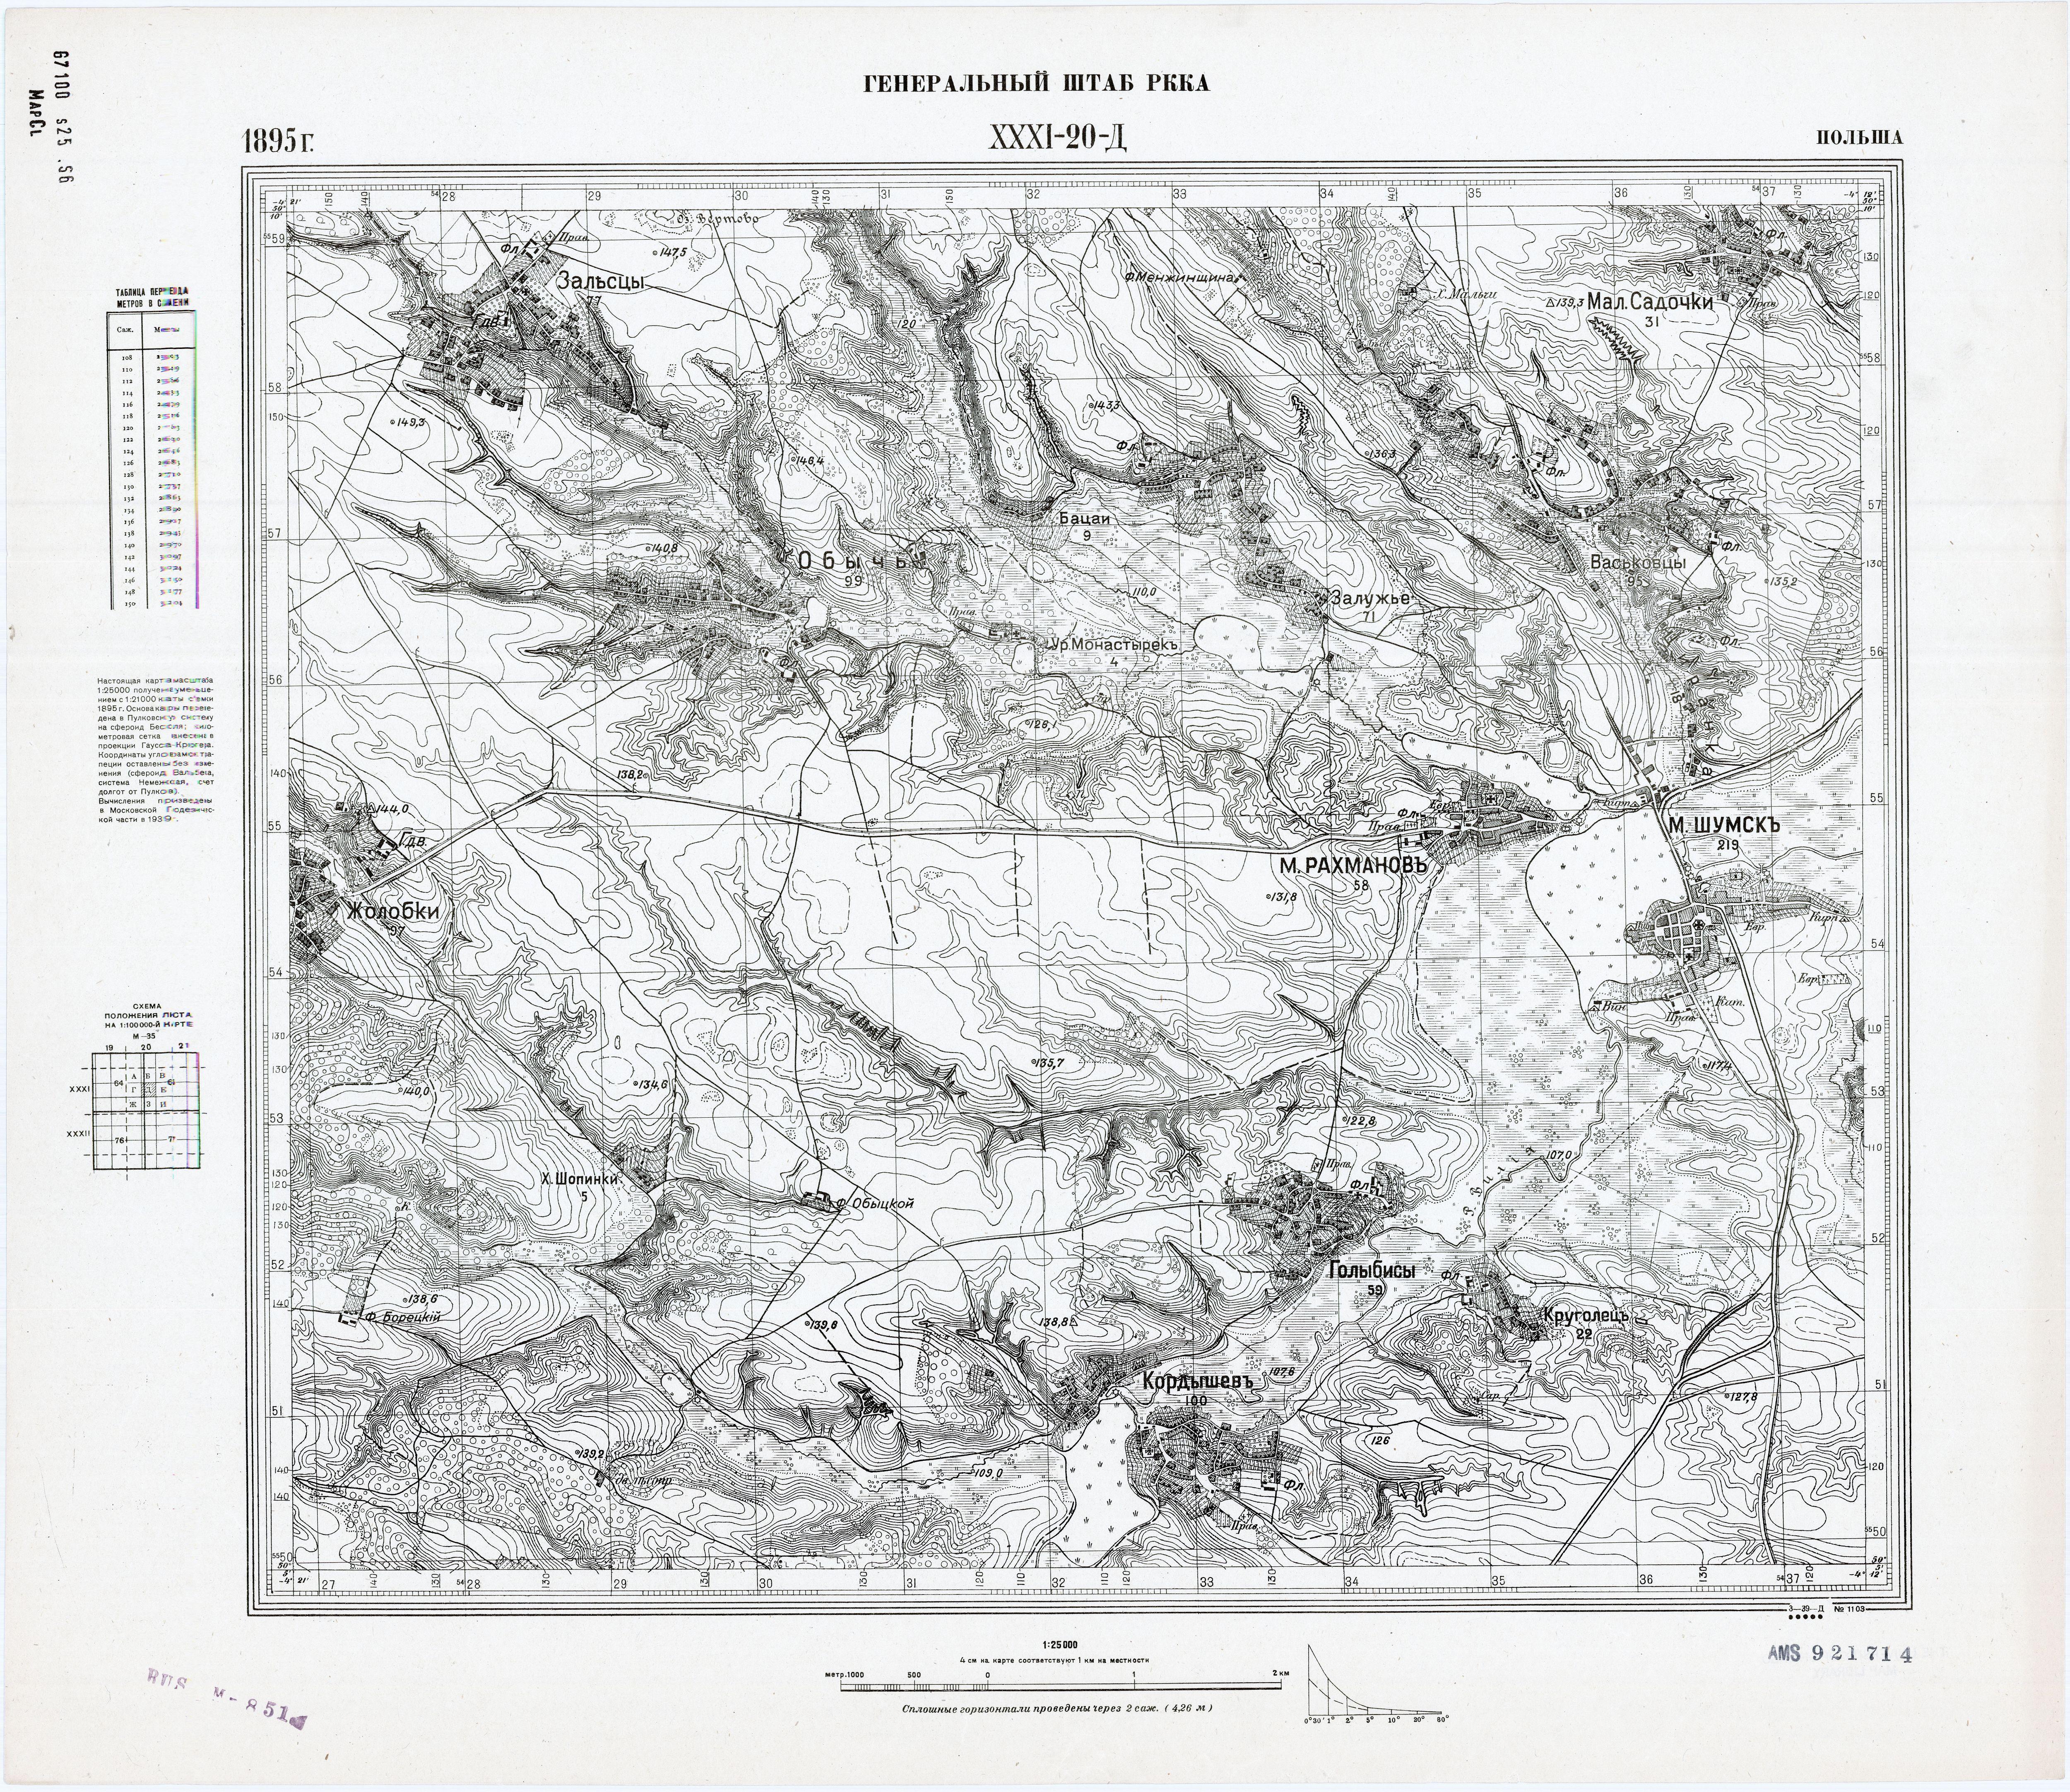 Скачать топография для garmin карты 250 метровки и 500 метровки.